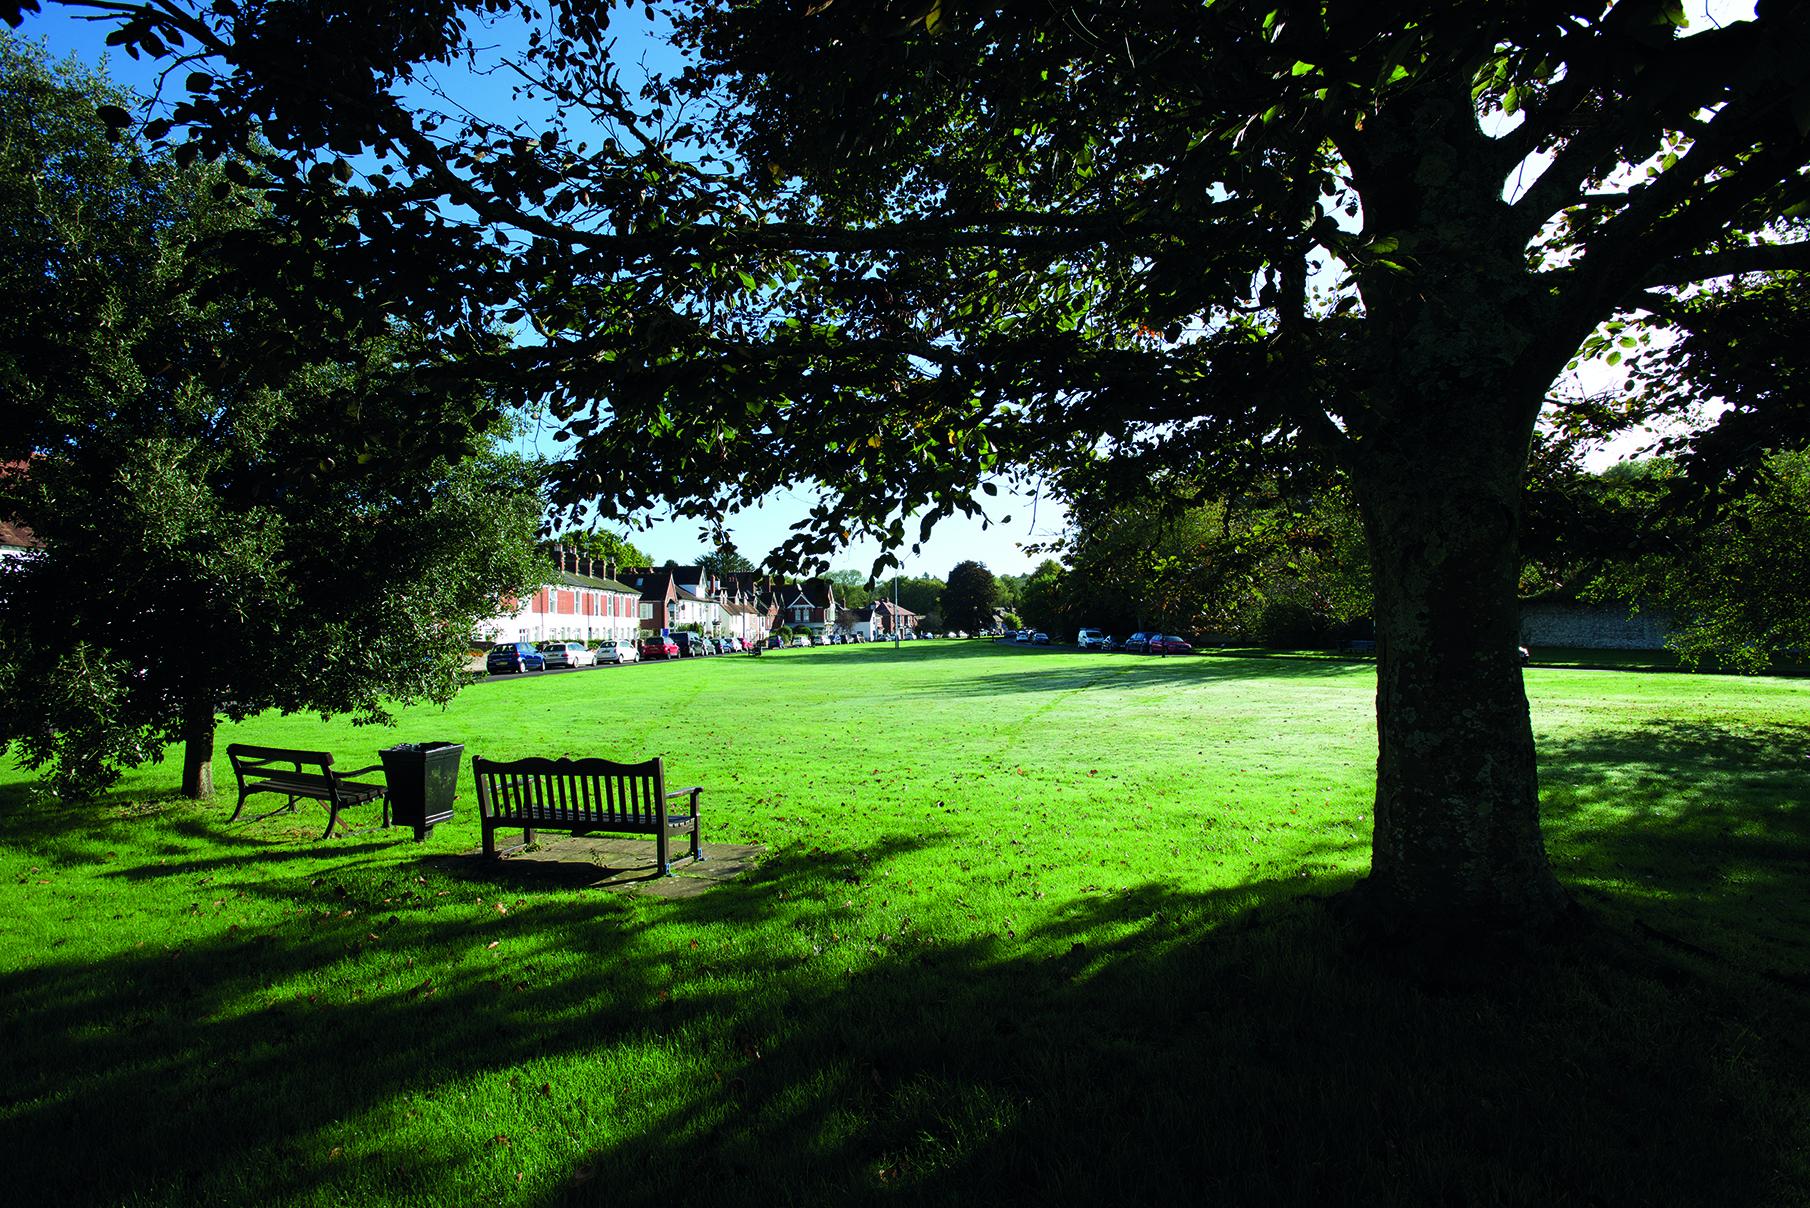 Rowlands Castle park